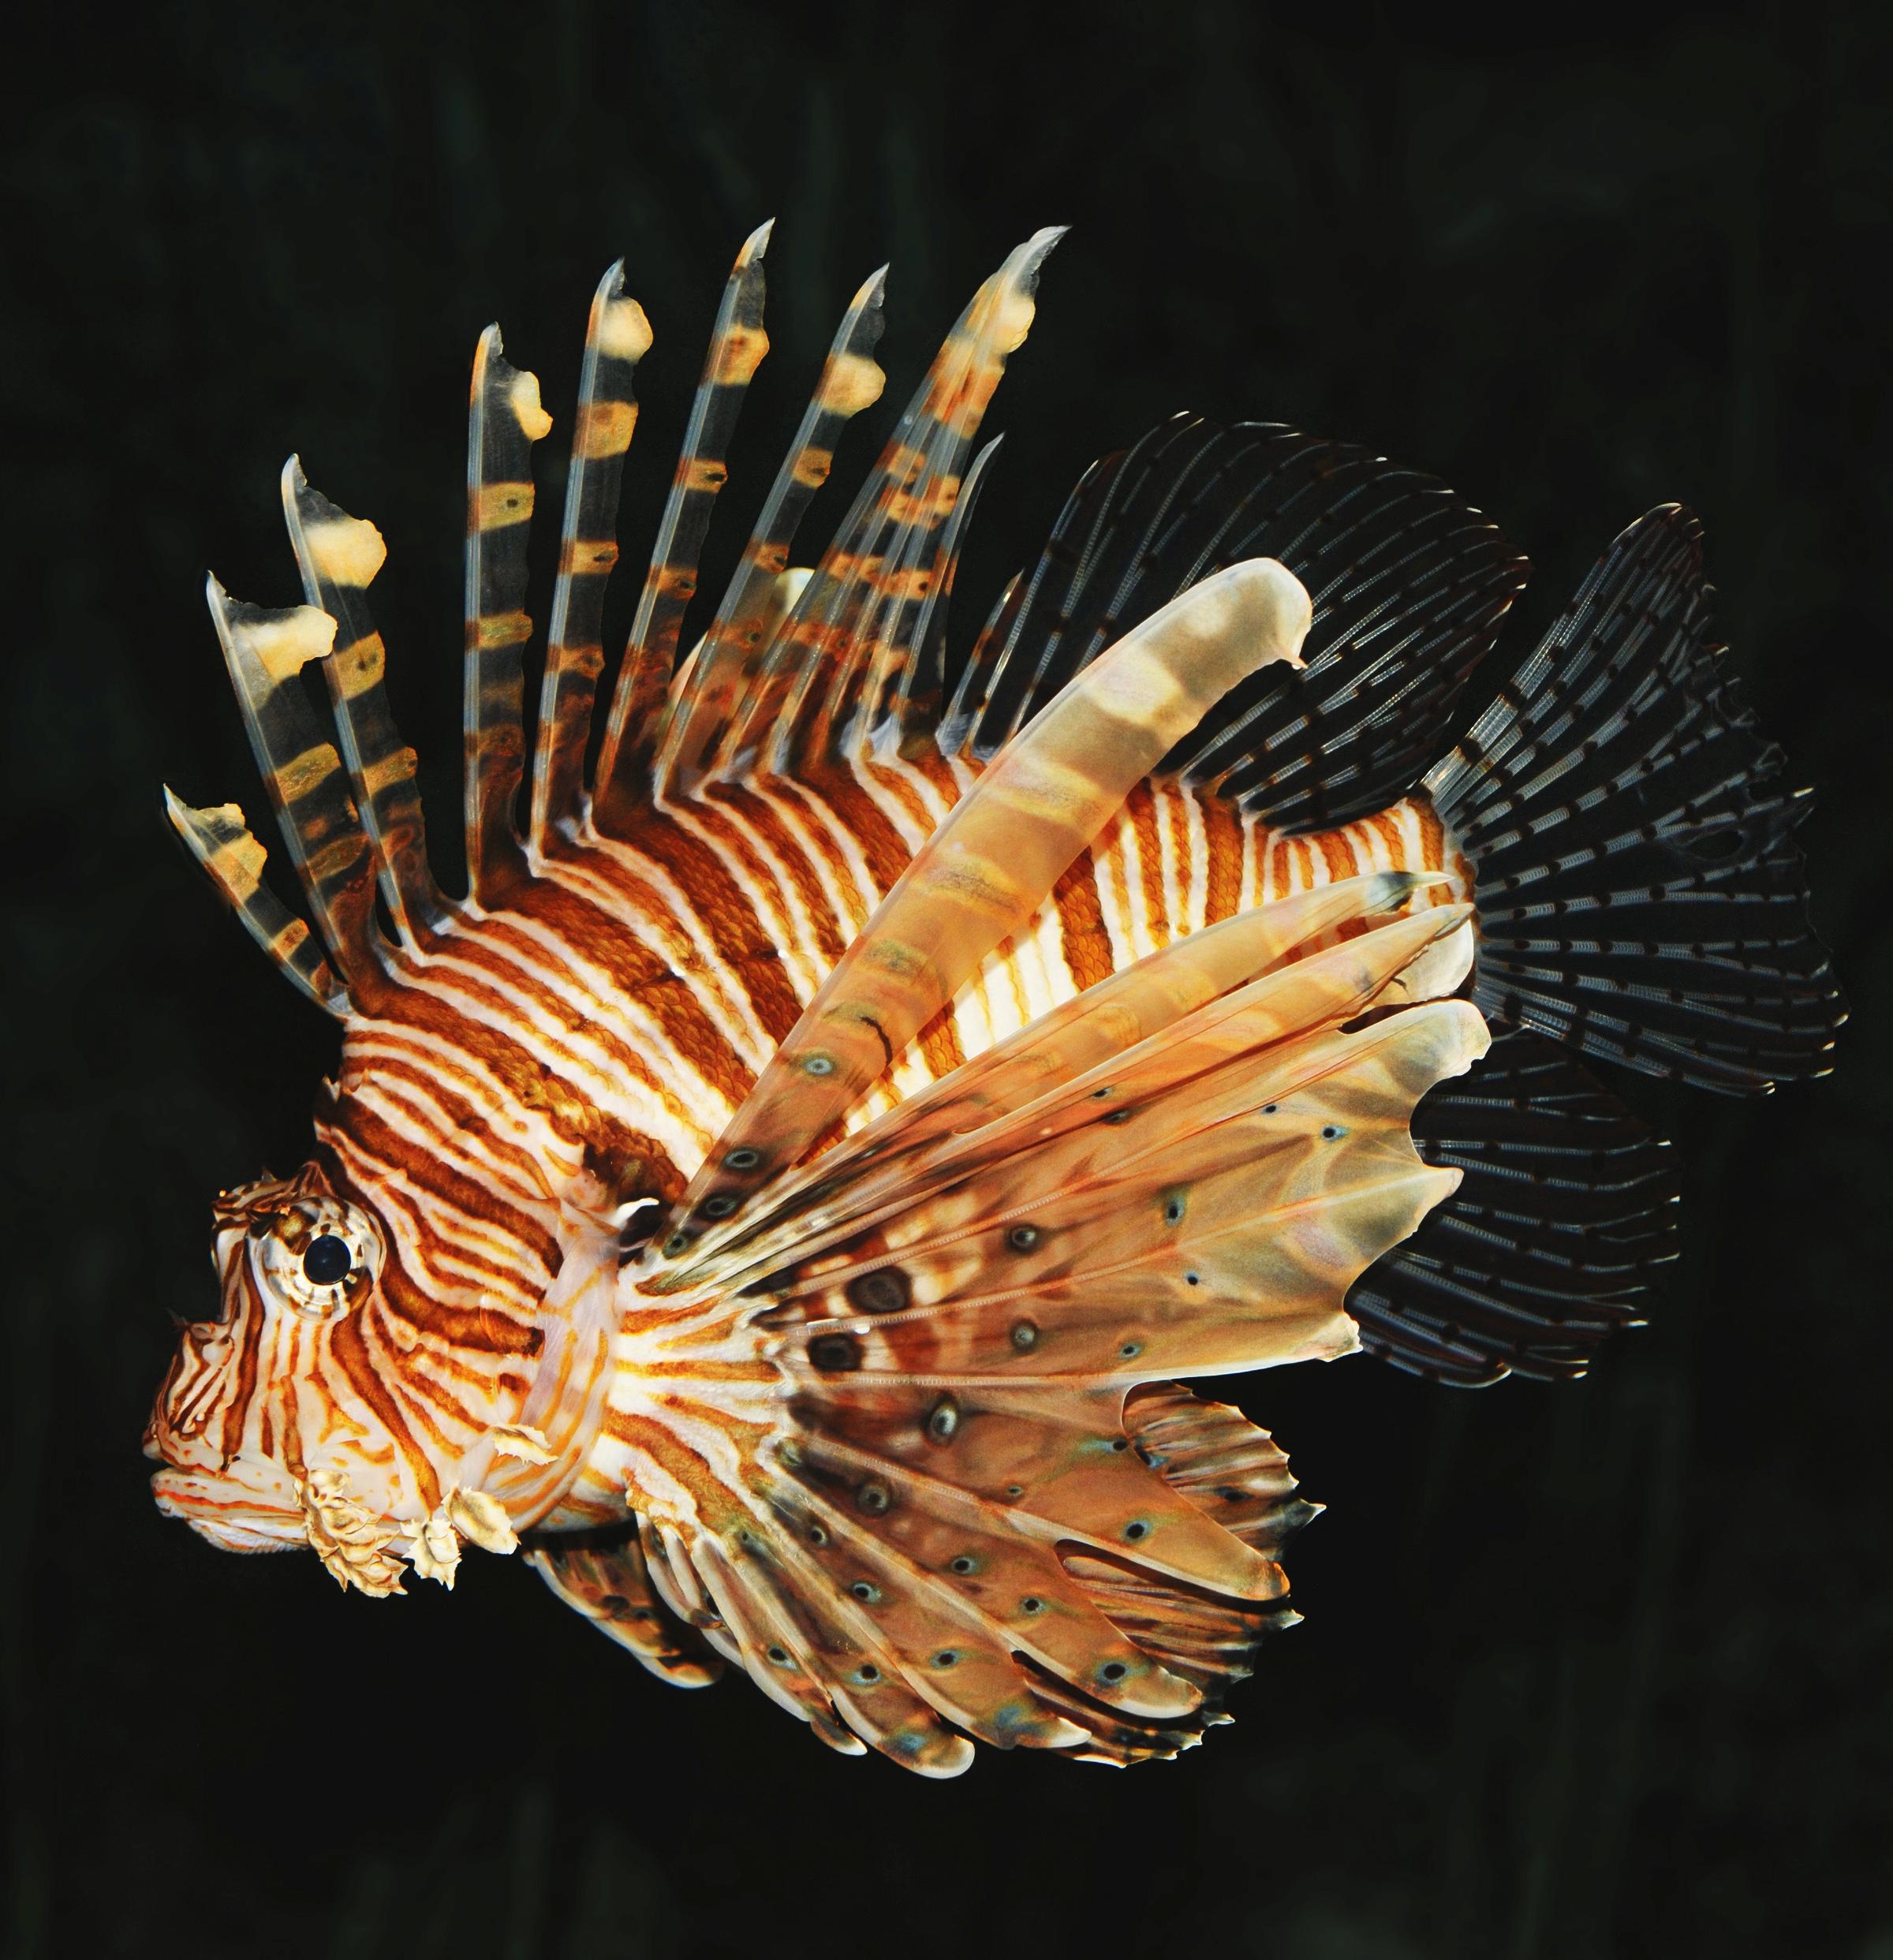 фото зебра рыба